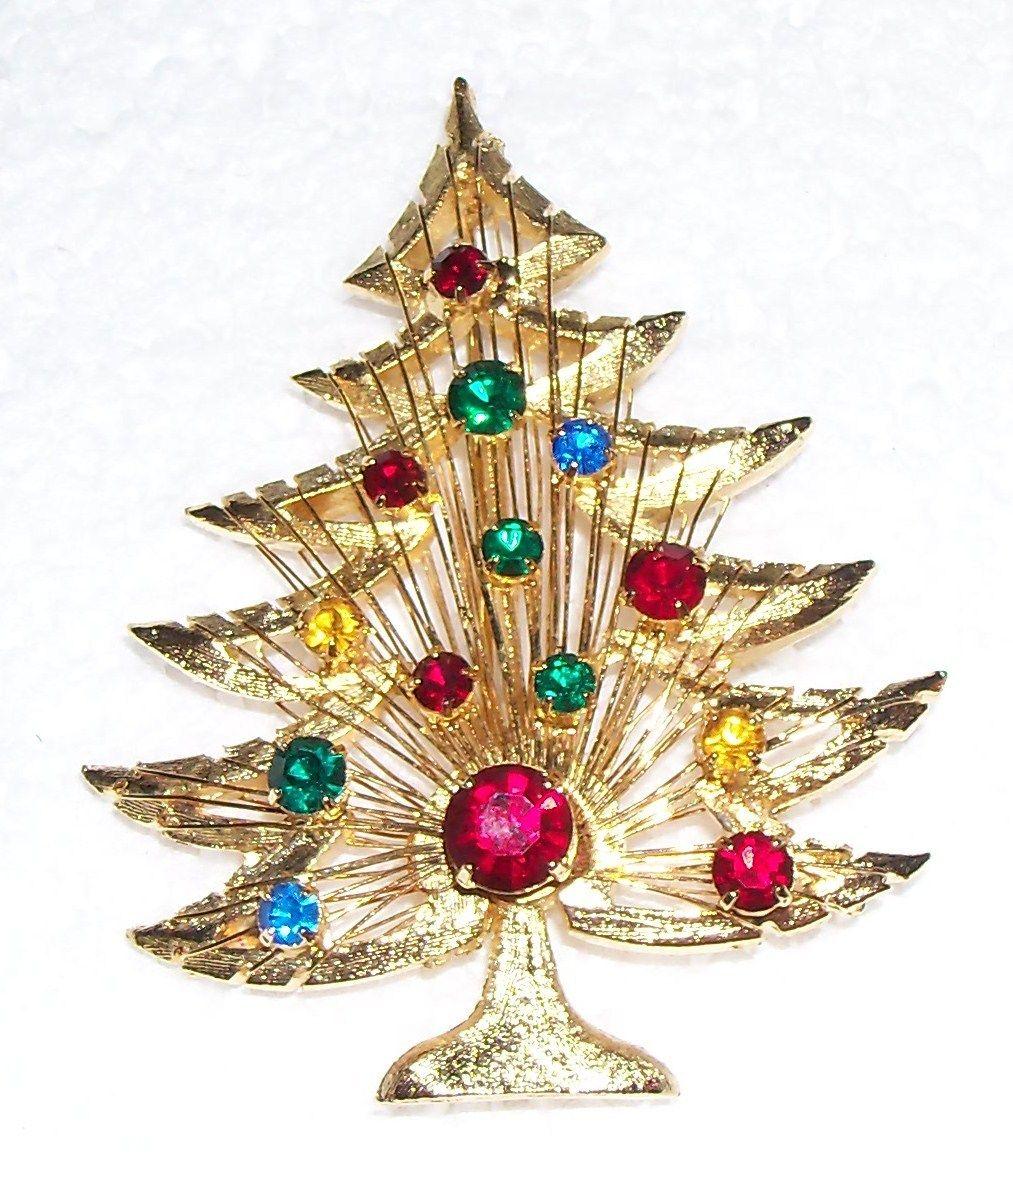 Vintage hall pitcher jug rayed heather pink rose gold trim - Weihnachtsbaum antik ...